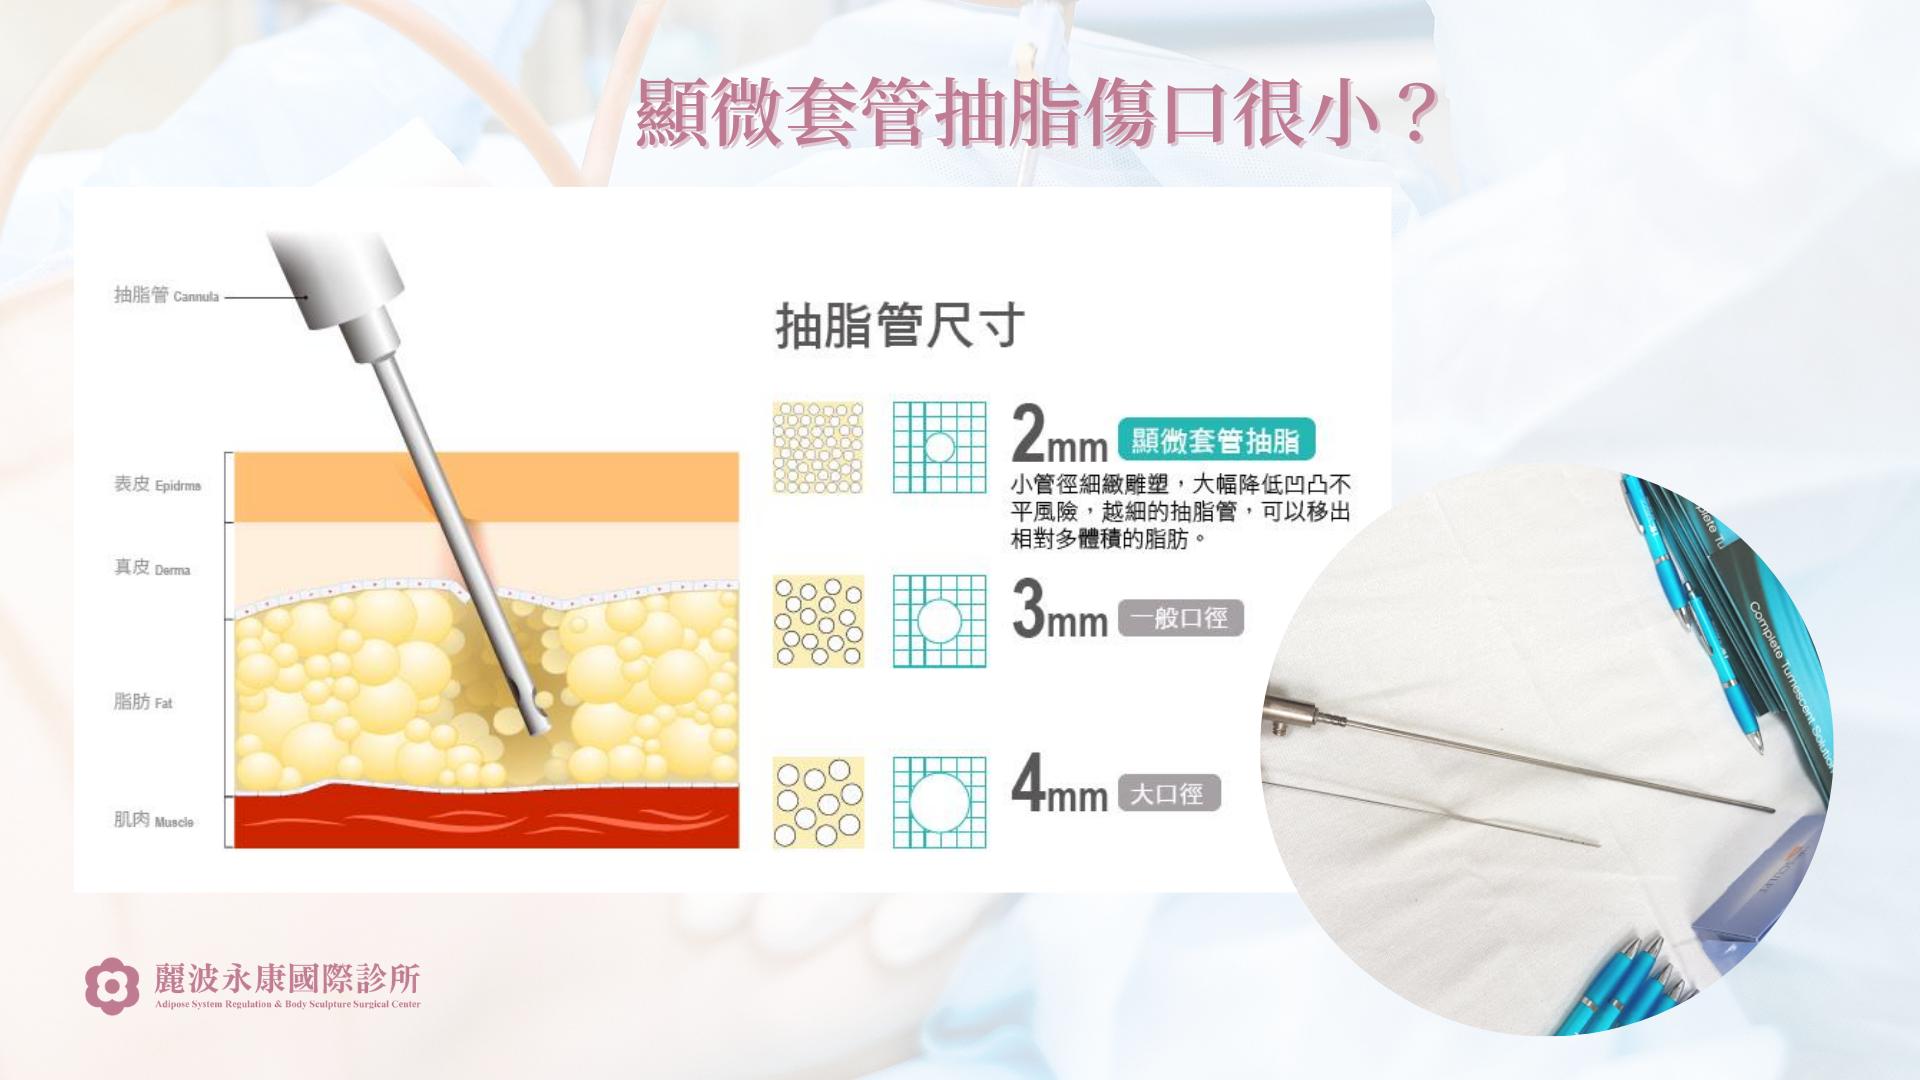 顯微套管抽脂是什麼 抽脂不穿塑身衣 抽脂不凹凸不平 抽脂局部麻醉